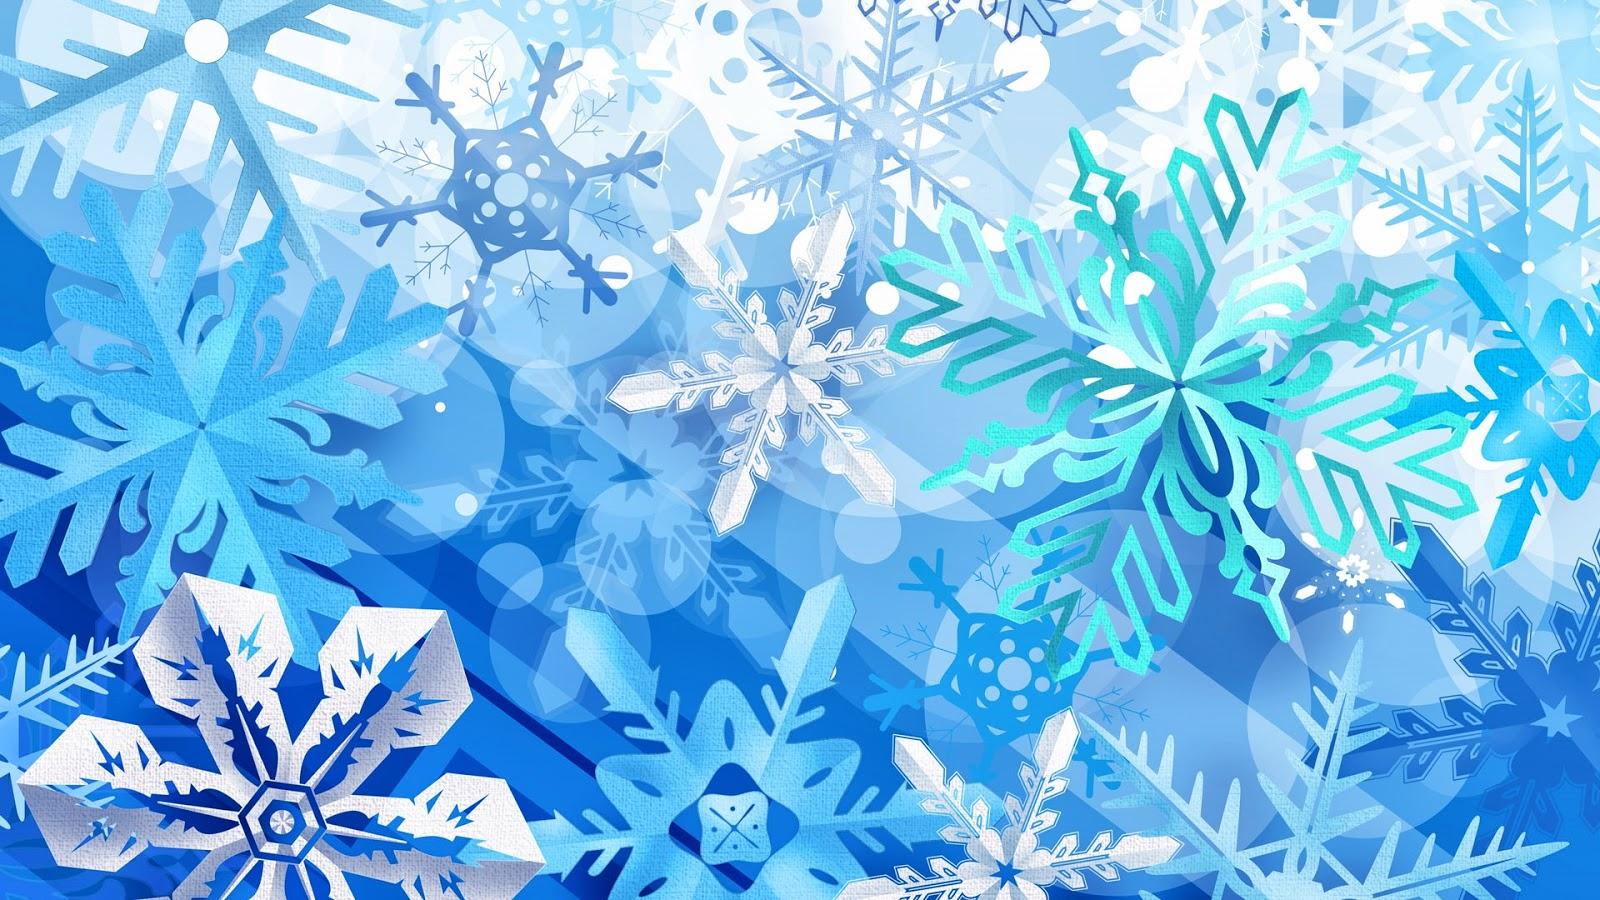 Fondo de Pantalla Navidad copos de nieve | Fondo Pantalla Online